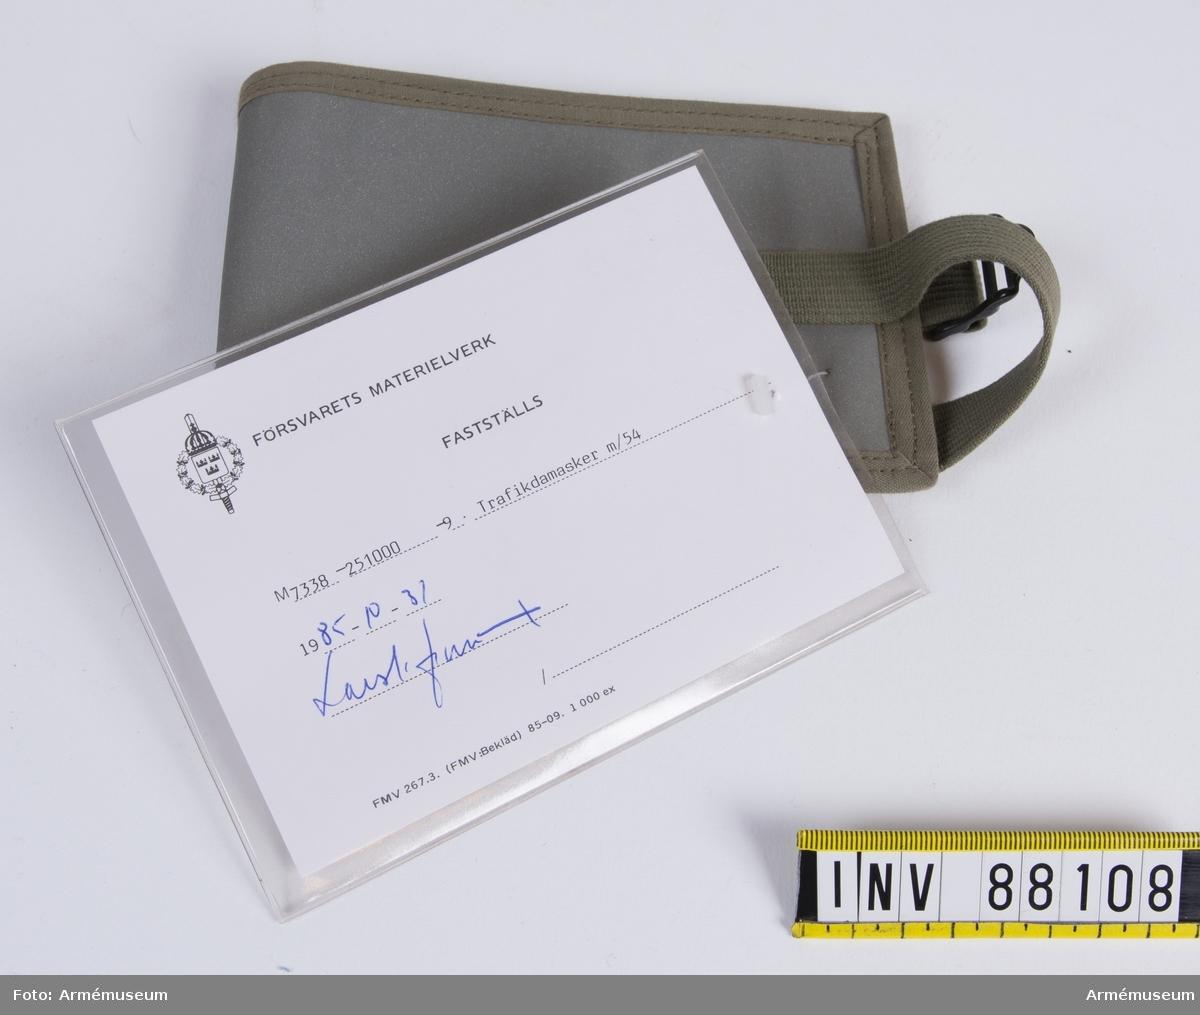 """Damasker bestående av ett rektangulärt stycke brunt tyg med reflexväv på utsidan. De två lagren hålls samman med en grön kantslå. Damasken fästs med ett vävt band och metallspänne. På tygsidan är Palmgrens firmamärke stämplat. Vidhängande modellapp med text: """"Försvarets materielverk. Fastställs. M 7338-251000-9. Trafikdamasker m/54. 1985-10-01-31. (oläslig signatur)"""""""